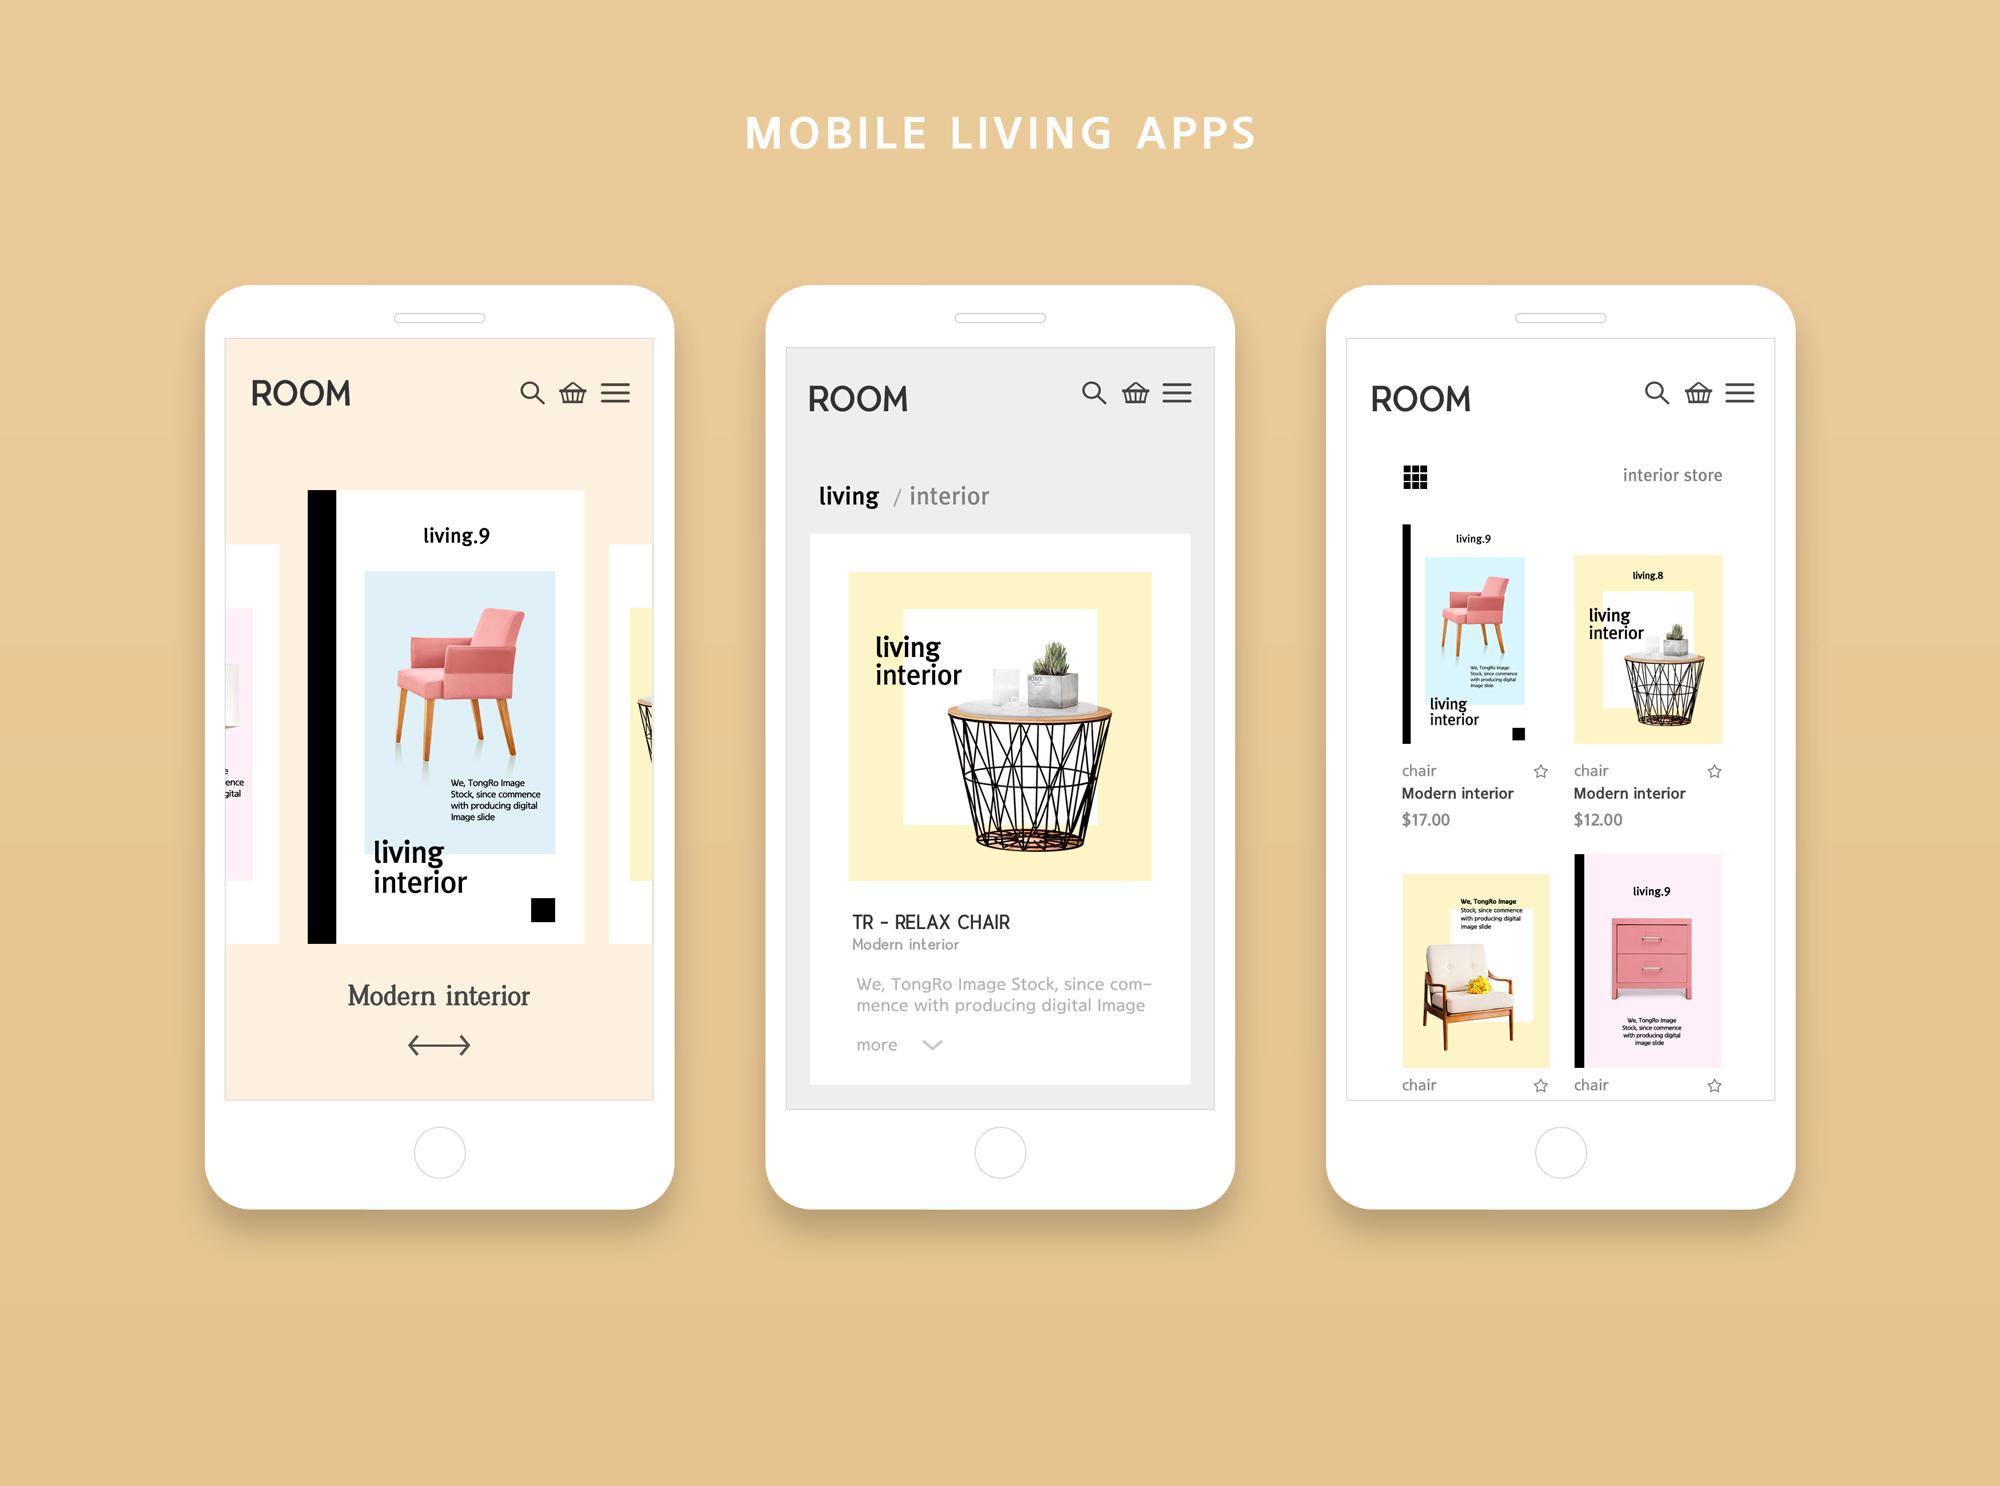 简约风 Mobile living Apps